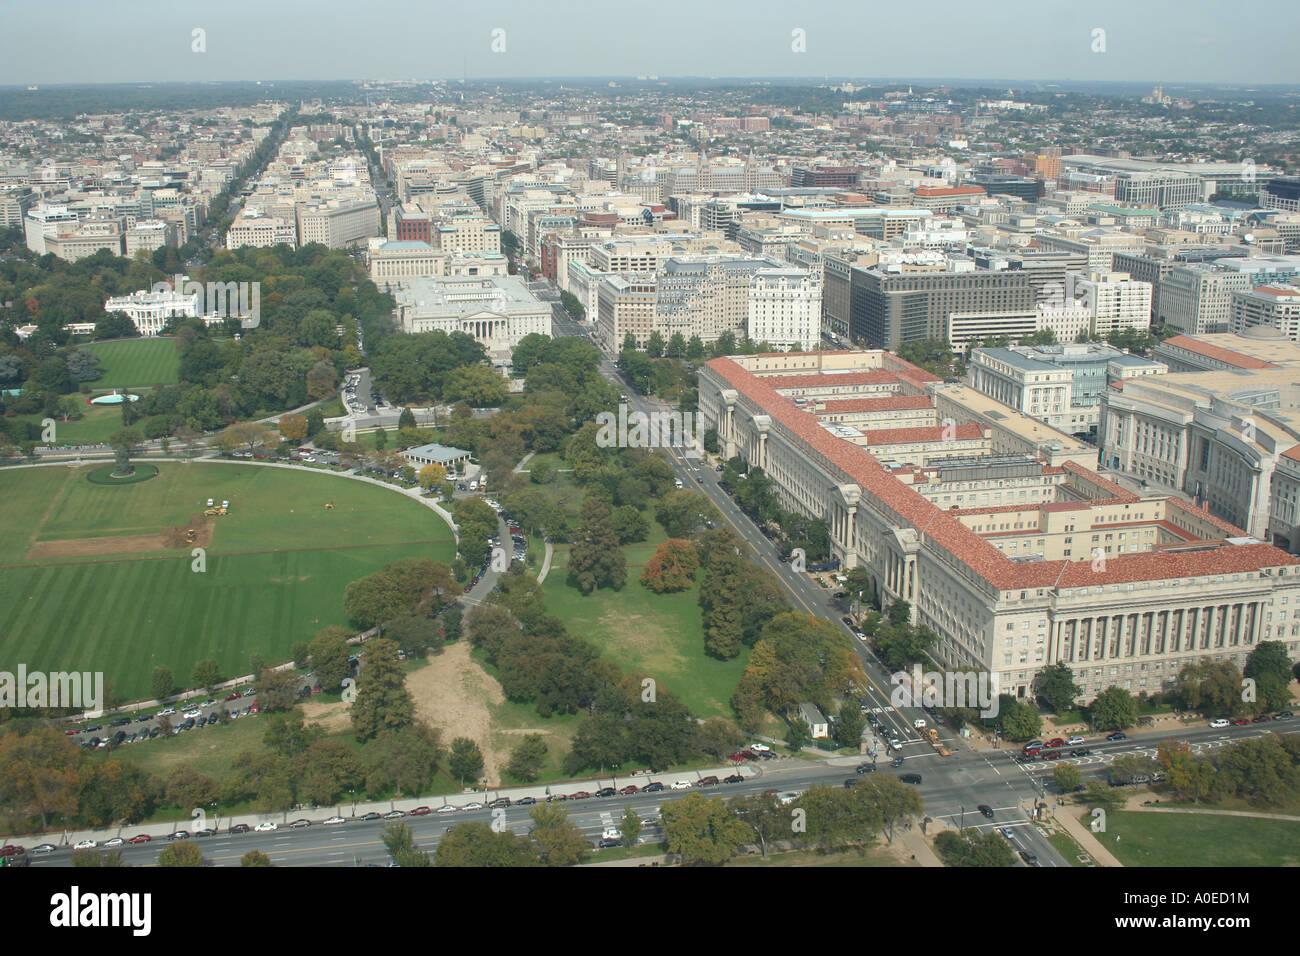 La Maison Blanche et de l'ellipse à partir du haut du Monument de Washington Washington DC Octobre 2006 Photo Stock